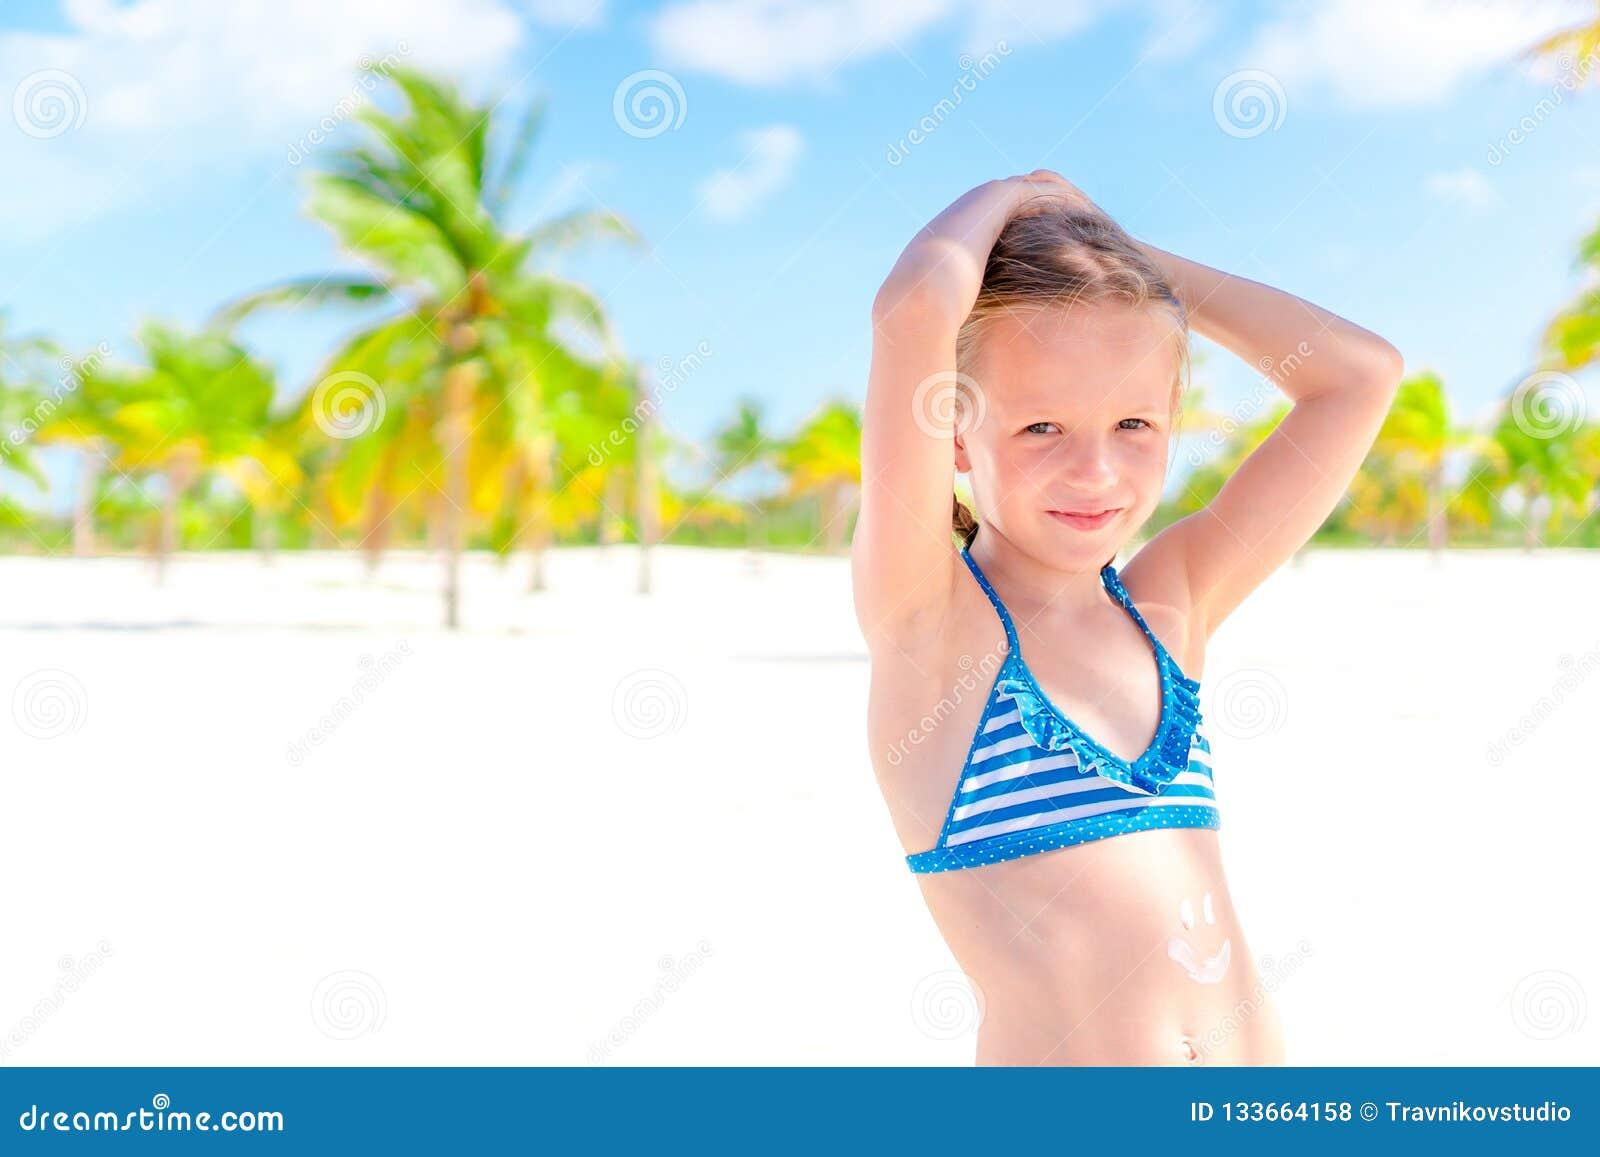 Summer fun in the sun Beach Little girls summer dress Summer fun